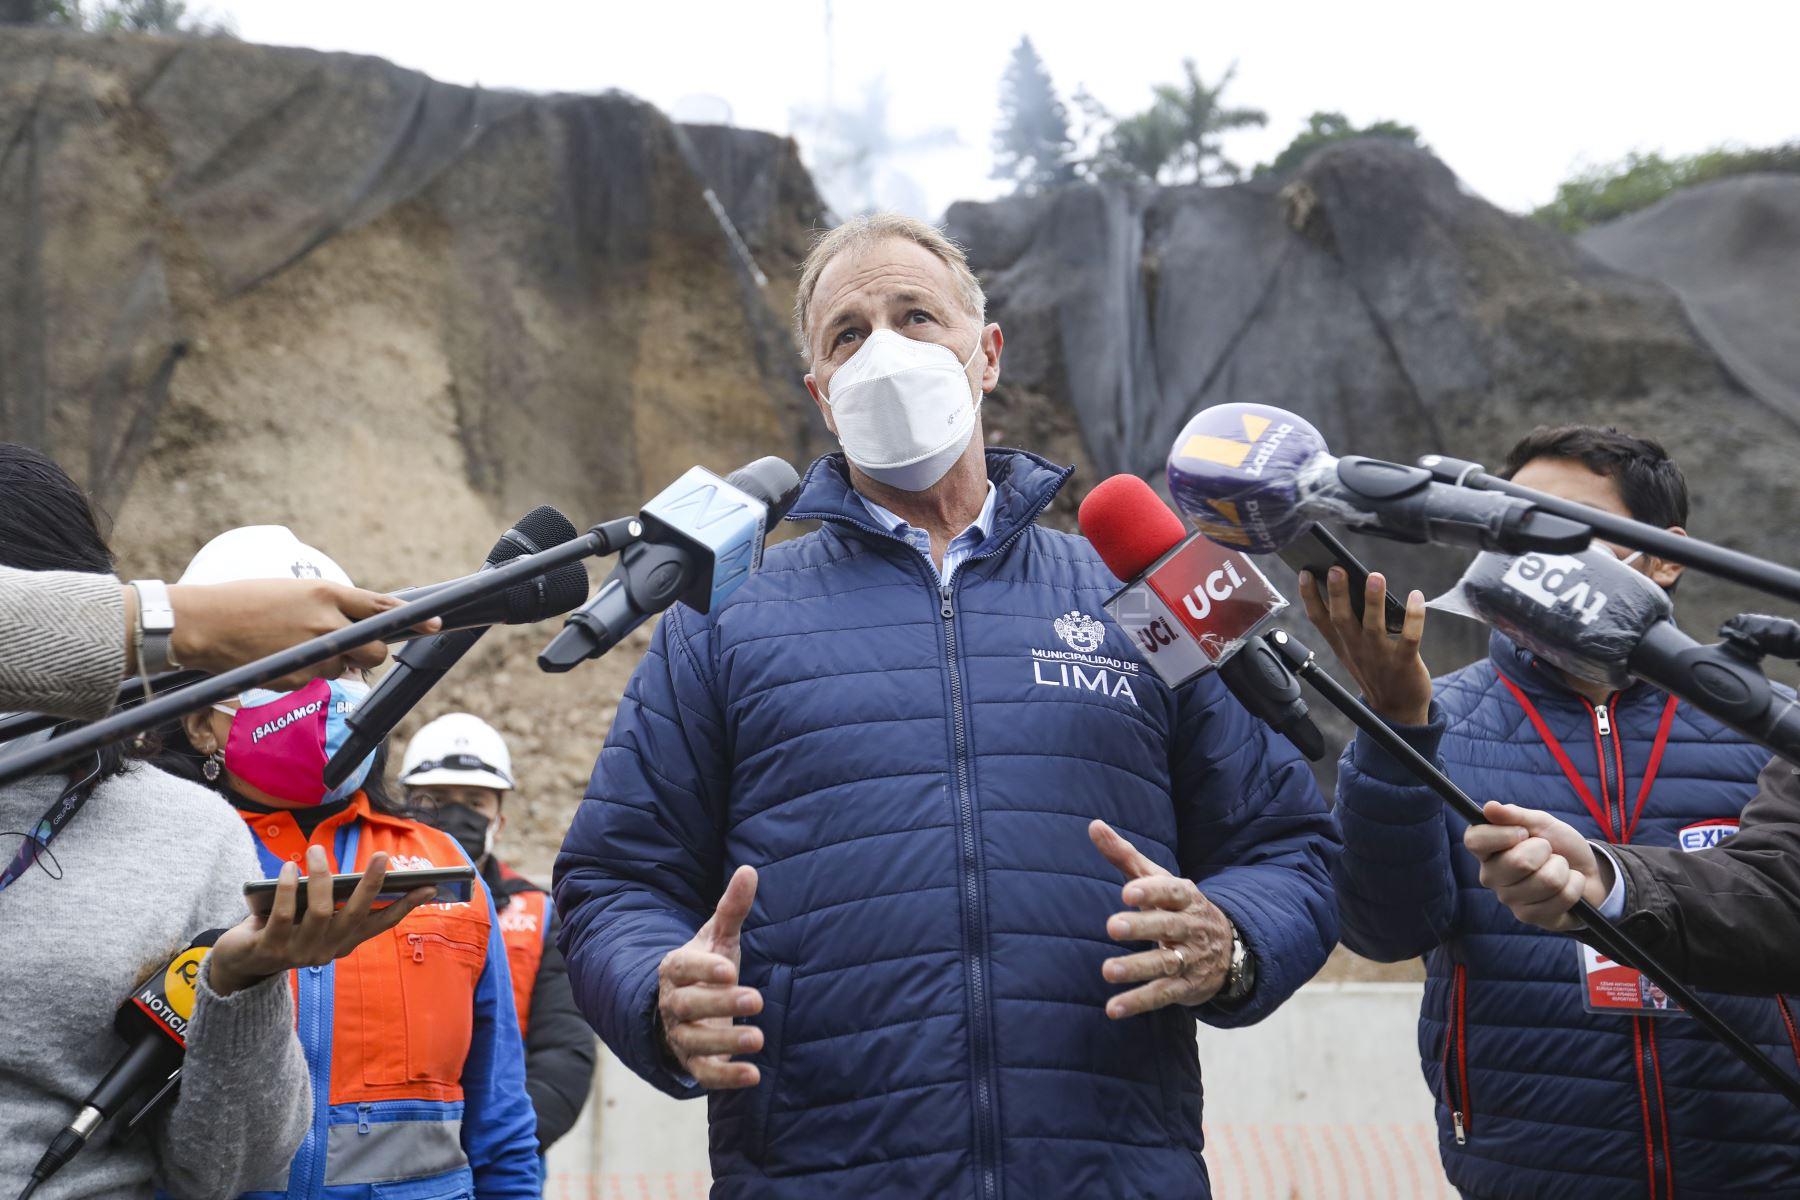 E alcalde de Lima, Jorge Muñoz, supervisa labores de limpieza en Costa Verde tras sismo de 6 grados que generó desprendimientos de piedras en la vía. Foto: MML